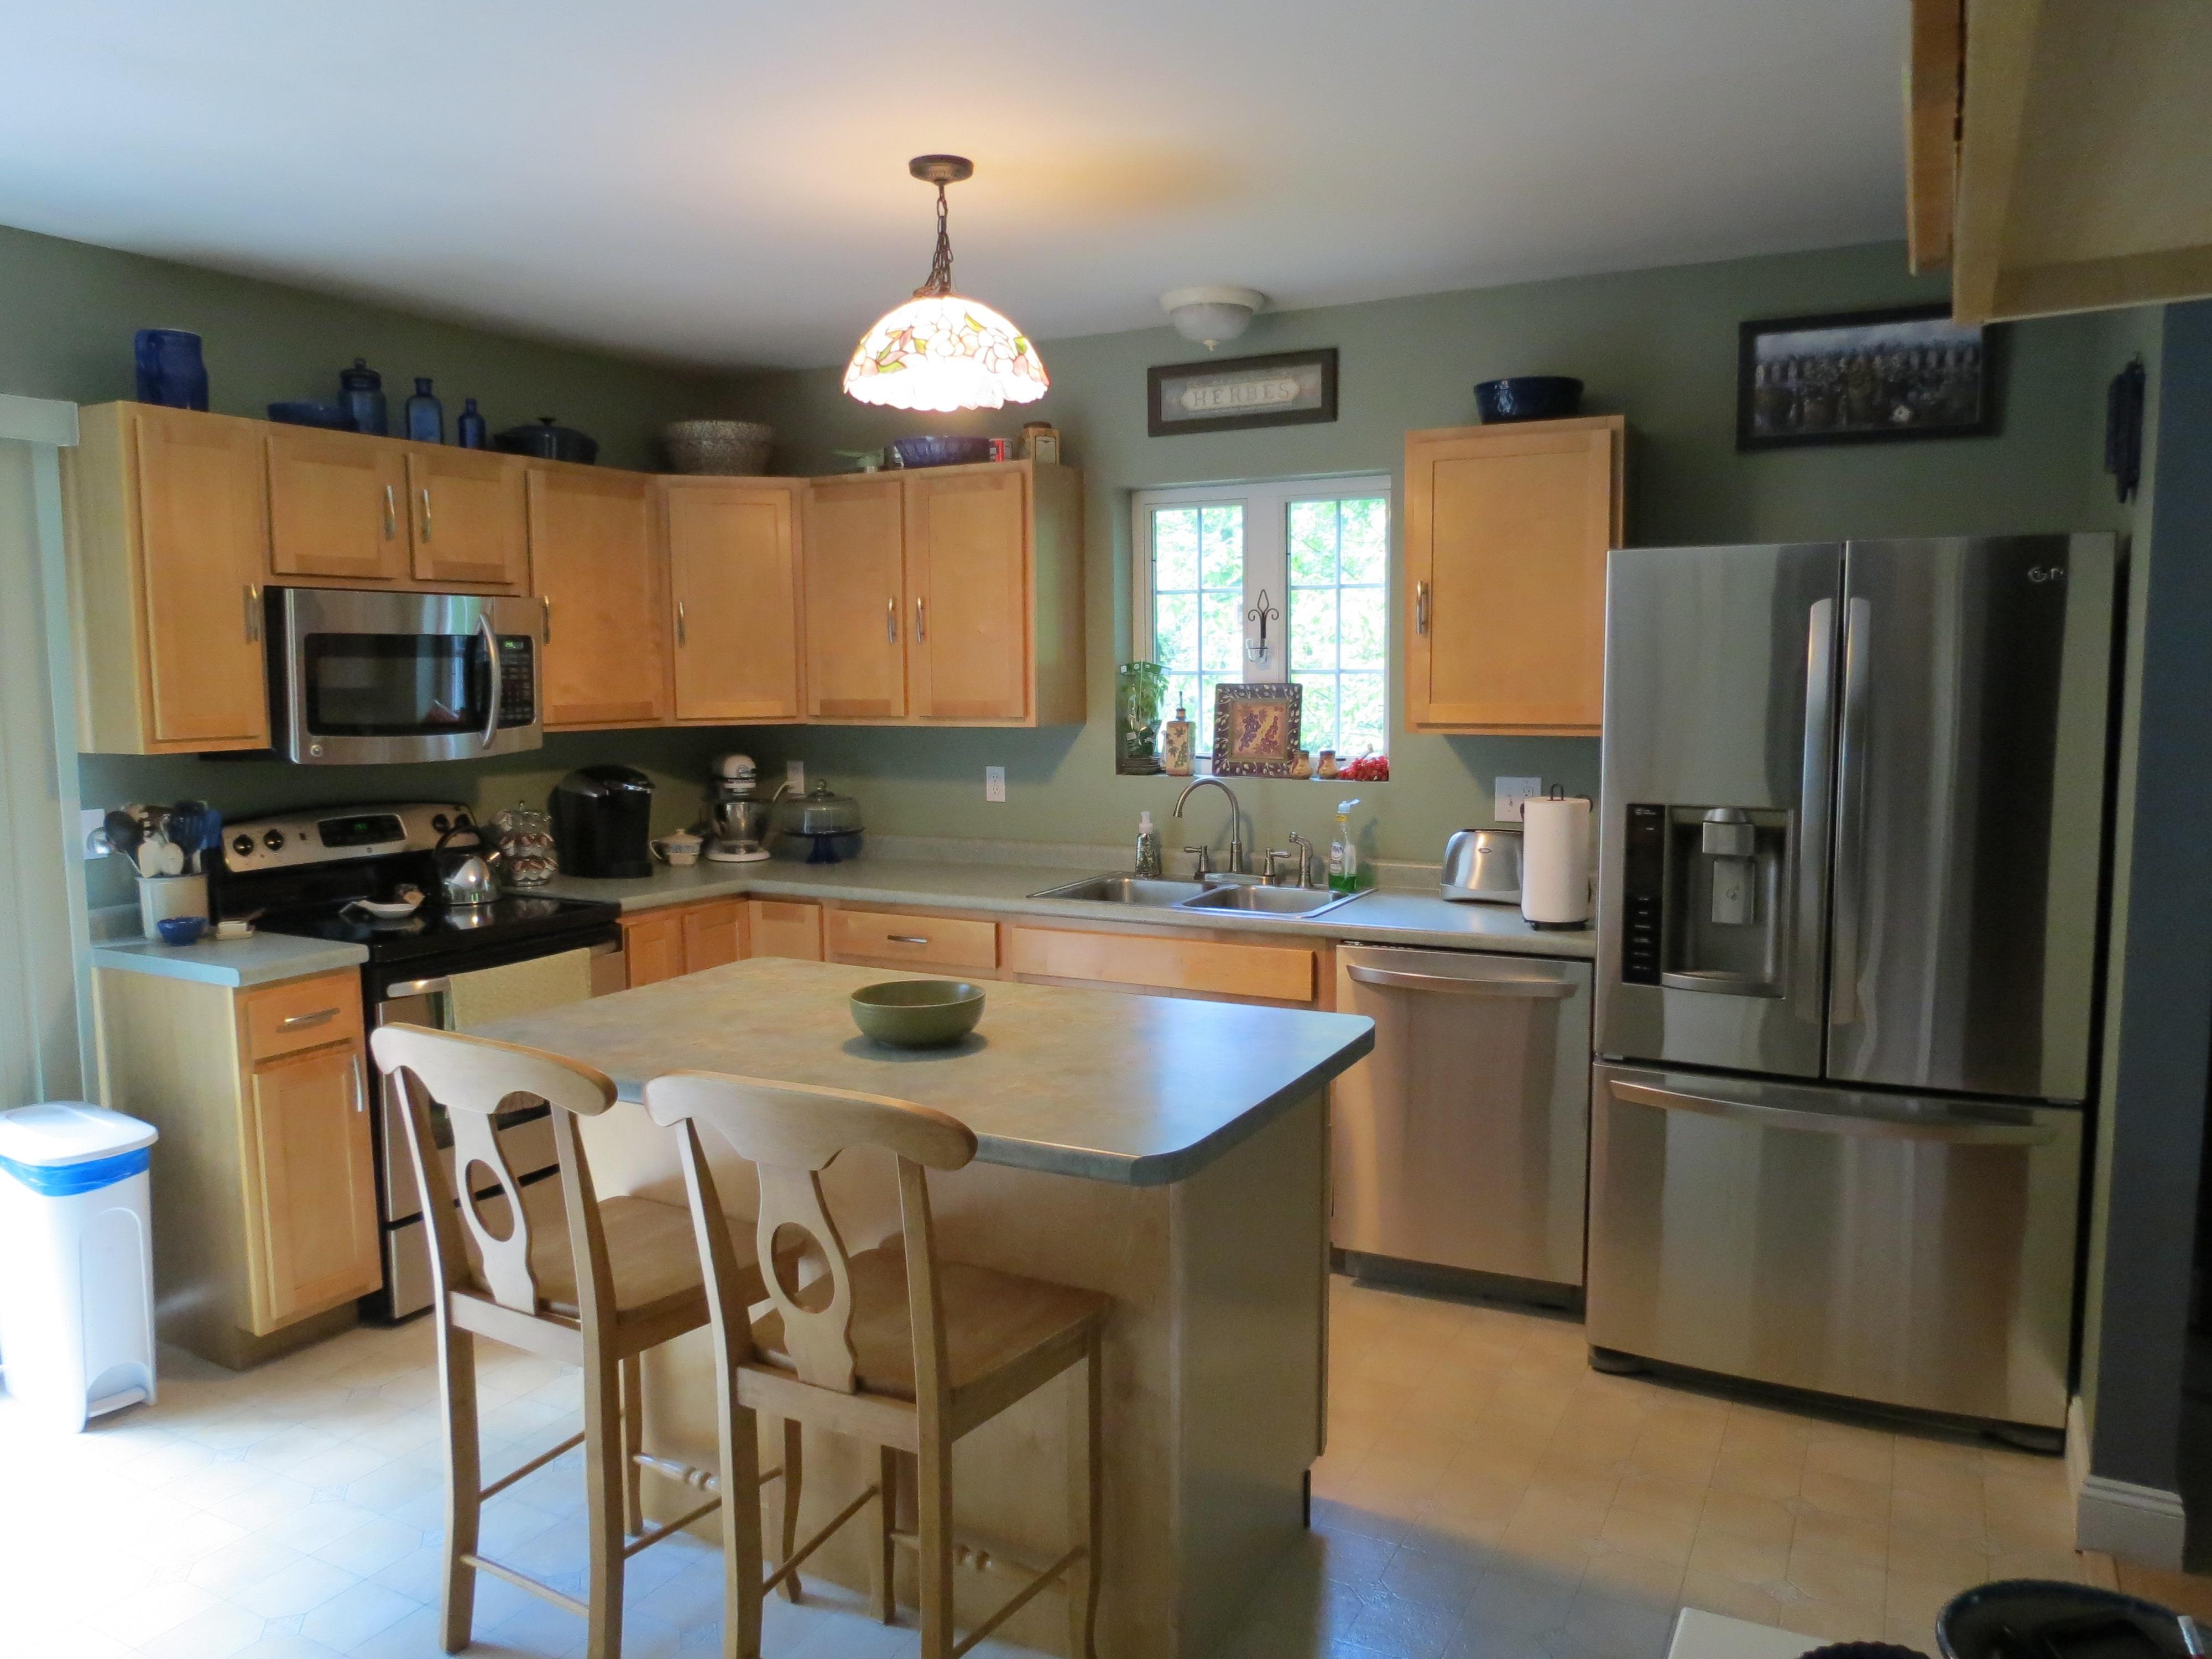 Fotos gratis : piso, interior, cabaña, cocina, propiedad, habitación ...